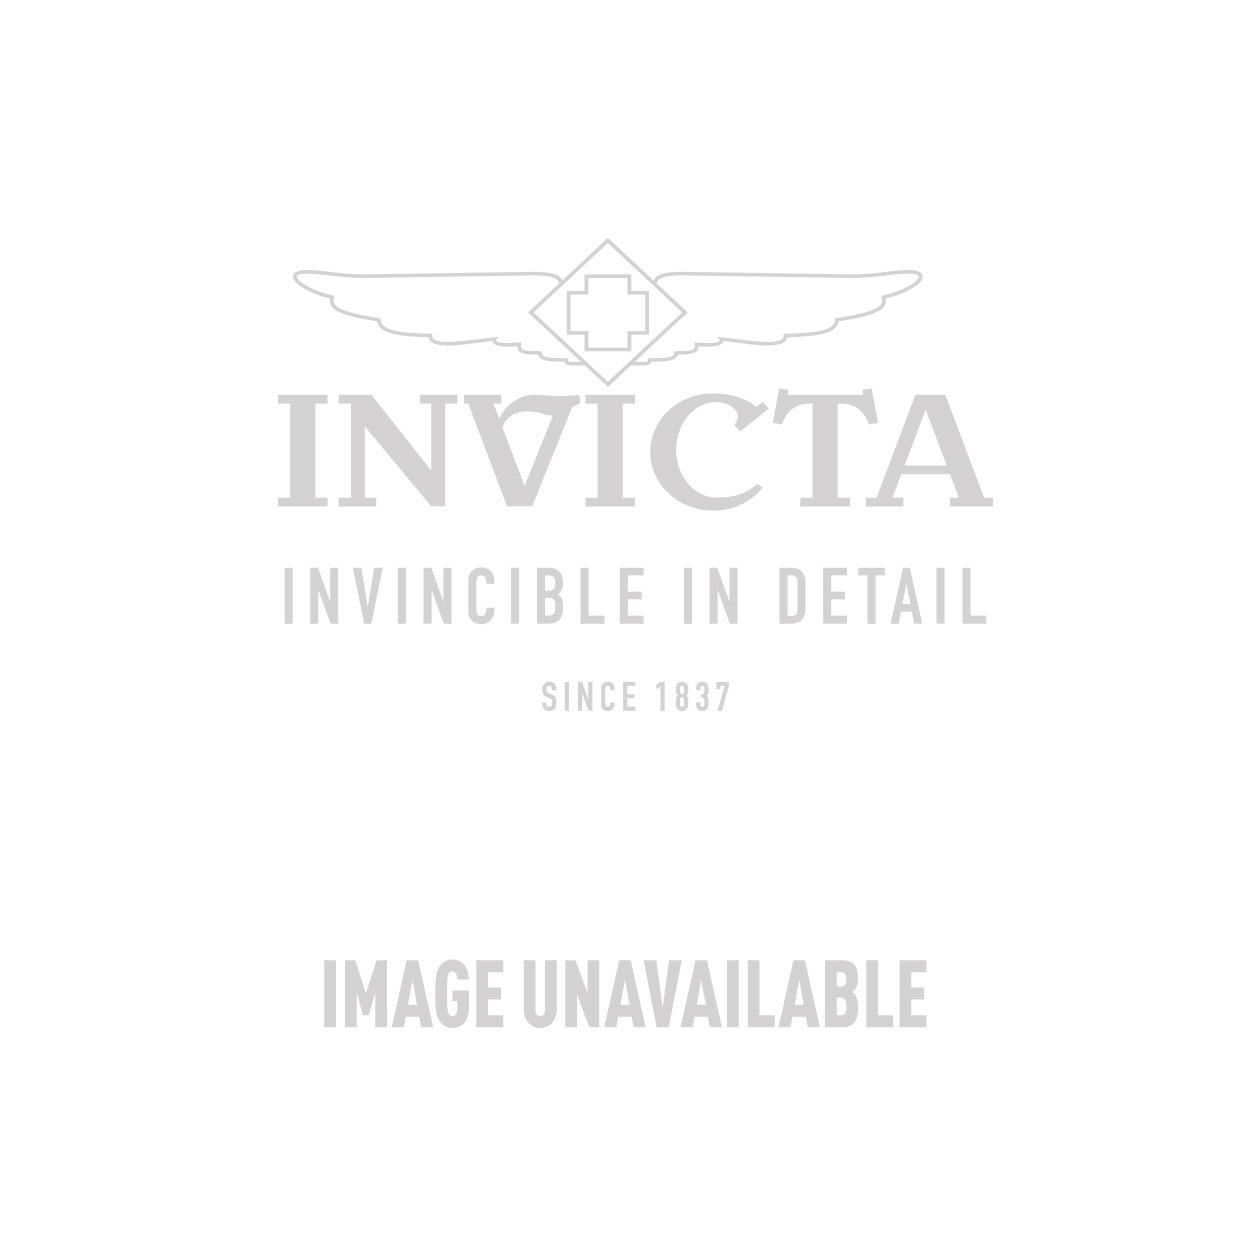 Invicta Model 25233